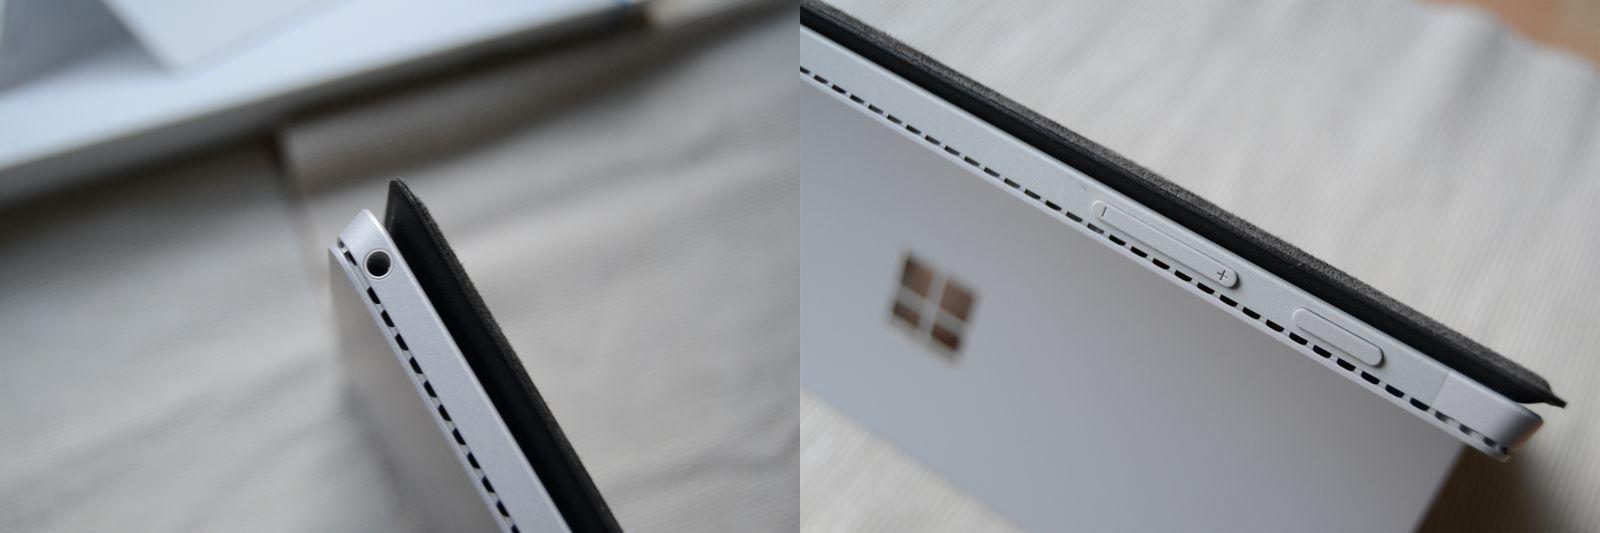 Surface Pro 4 - Lautstärketaste veränderte Position